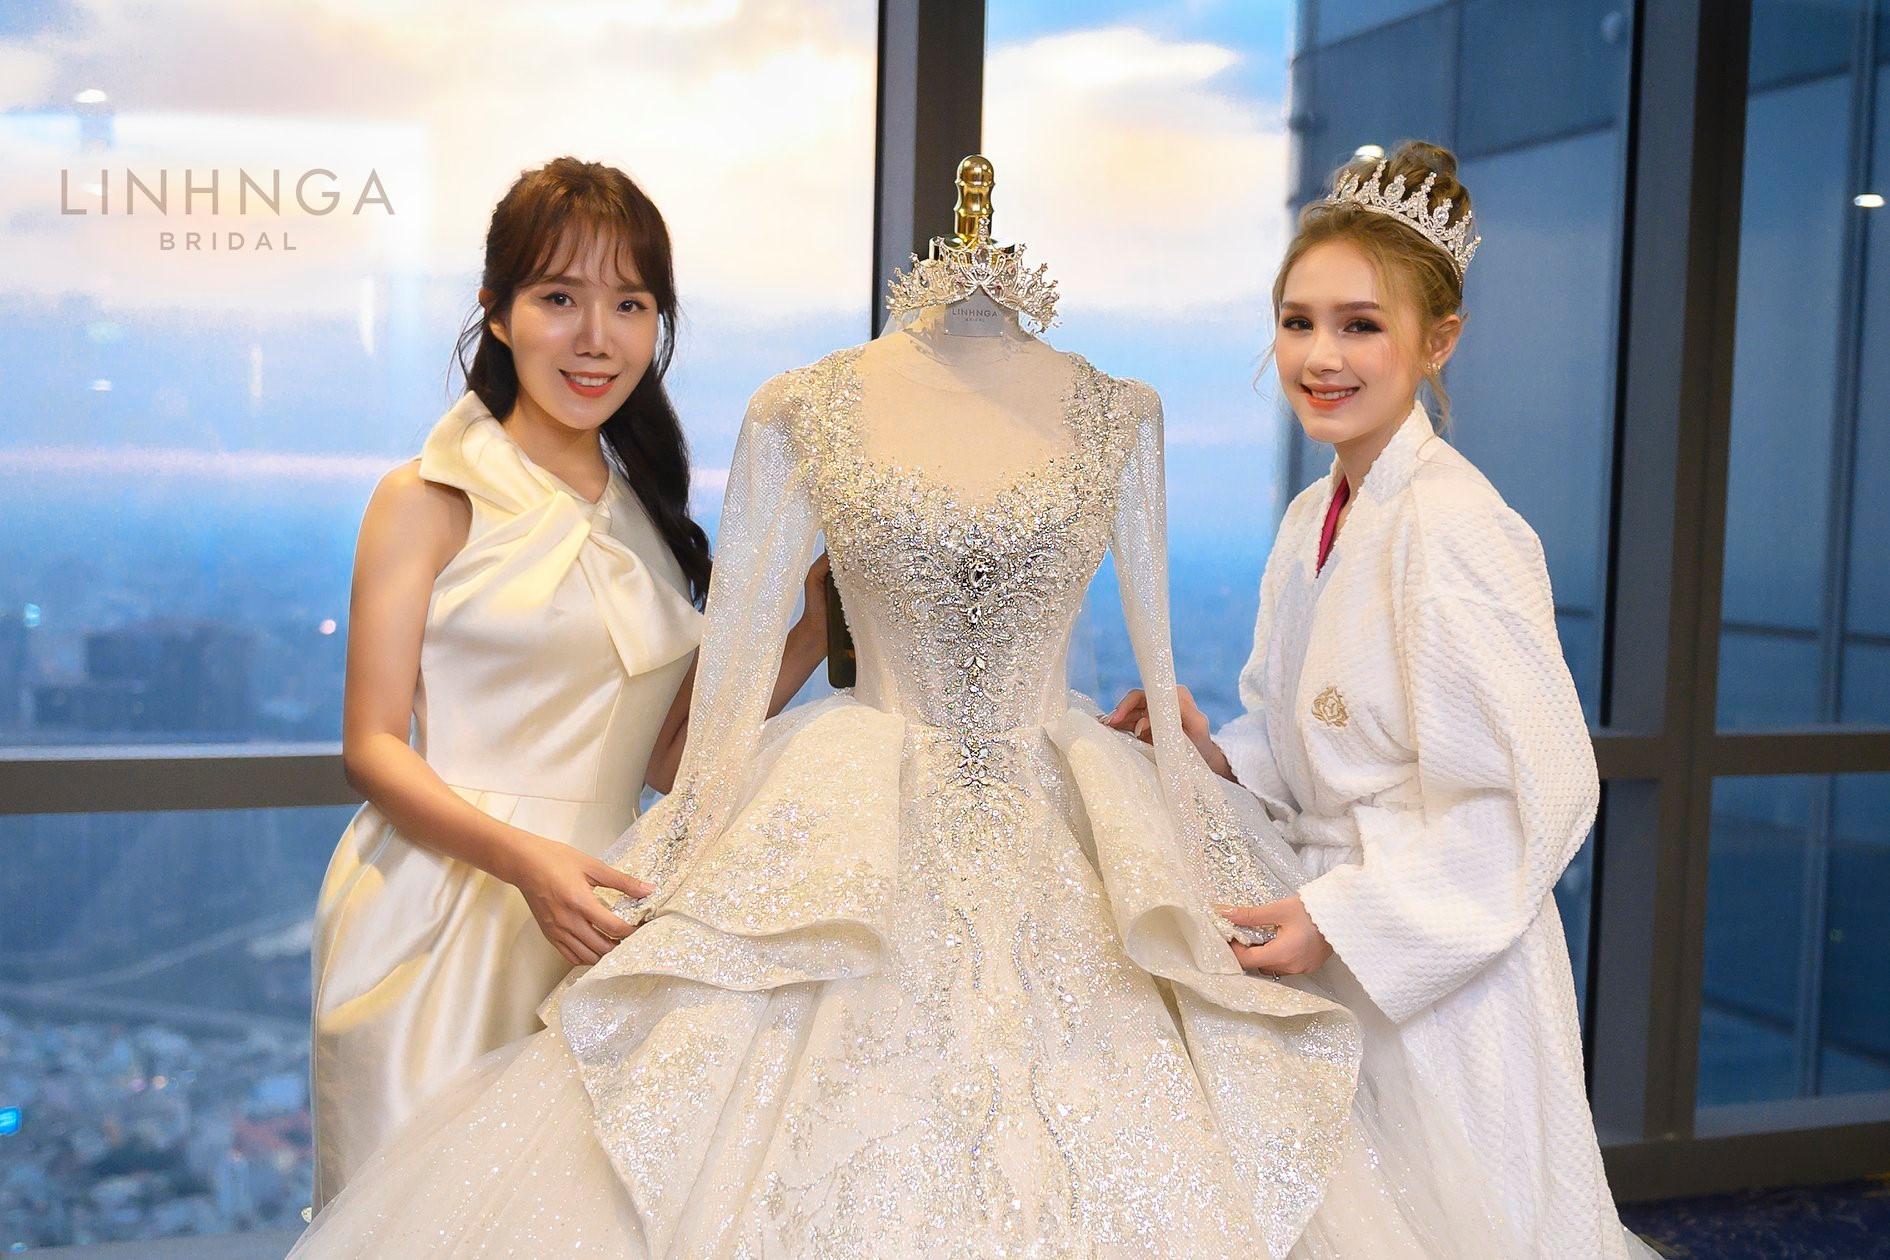 Cận cảnh loạt váy cưới, trong đó có chiếc 28 tỷ đính 6 viên kim cương của Xoài Non - vợ streamer giàu nhất VN - Ảnh 8.